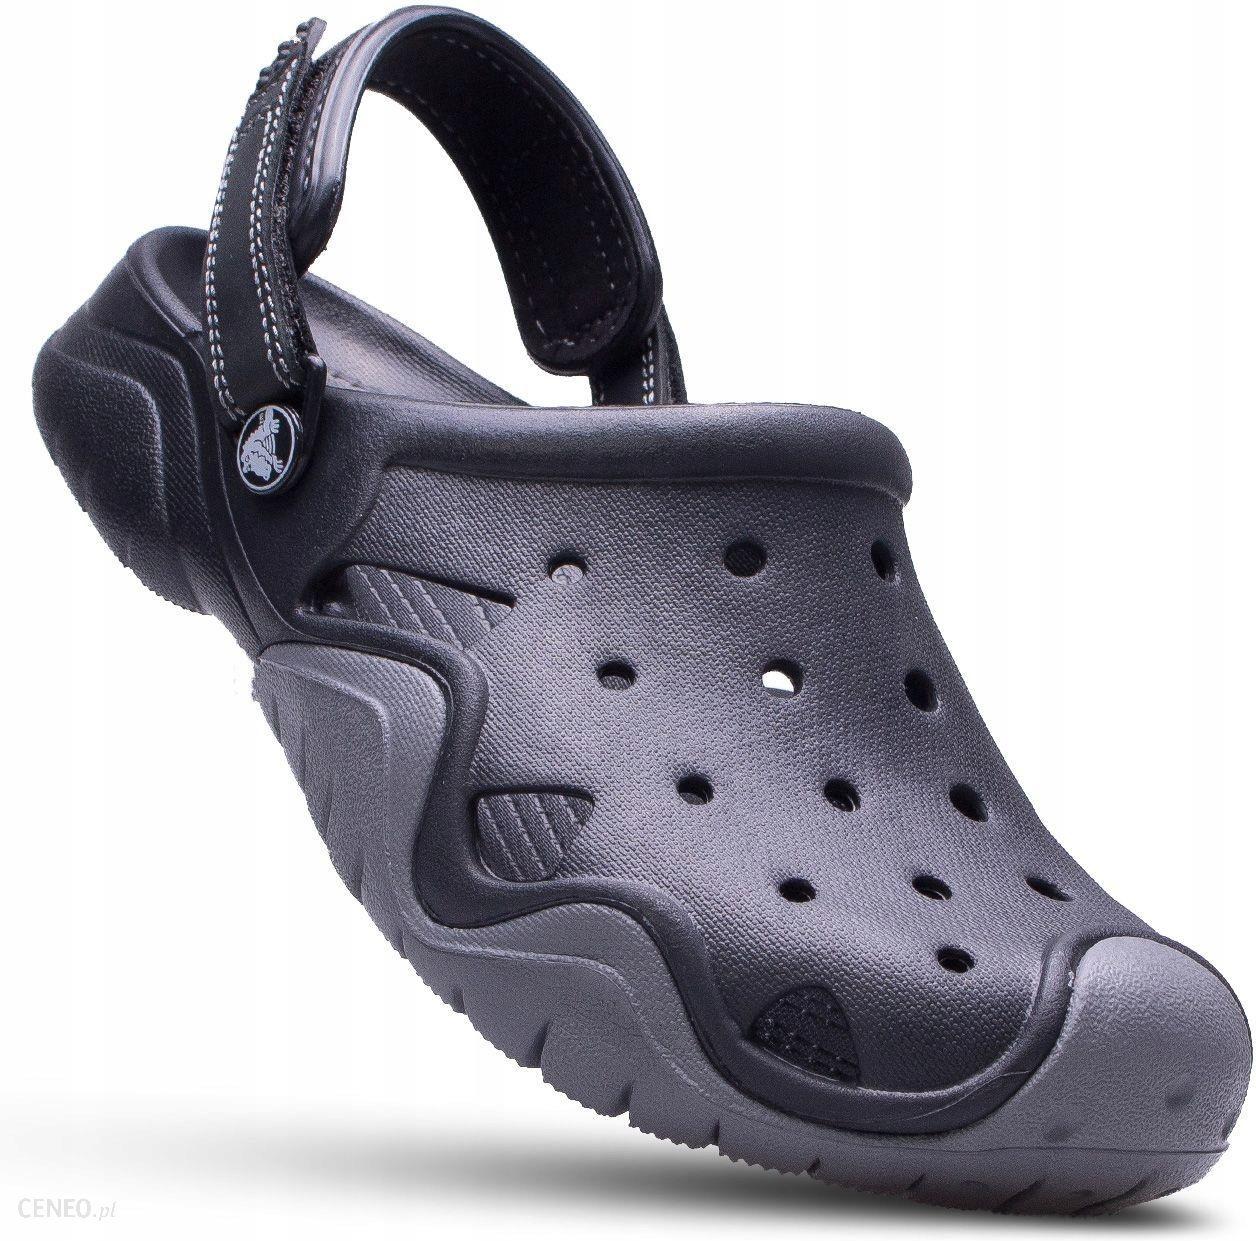 Nowy Jork dostępność w Wielkiej Brytanii Stany Zjednoczone Crocs sandały klapki męskie buty Swiftwater czarne